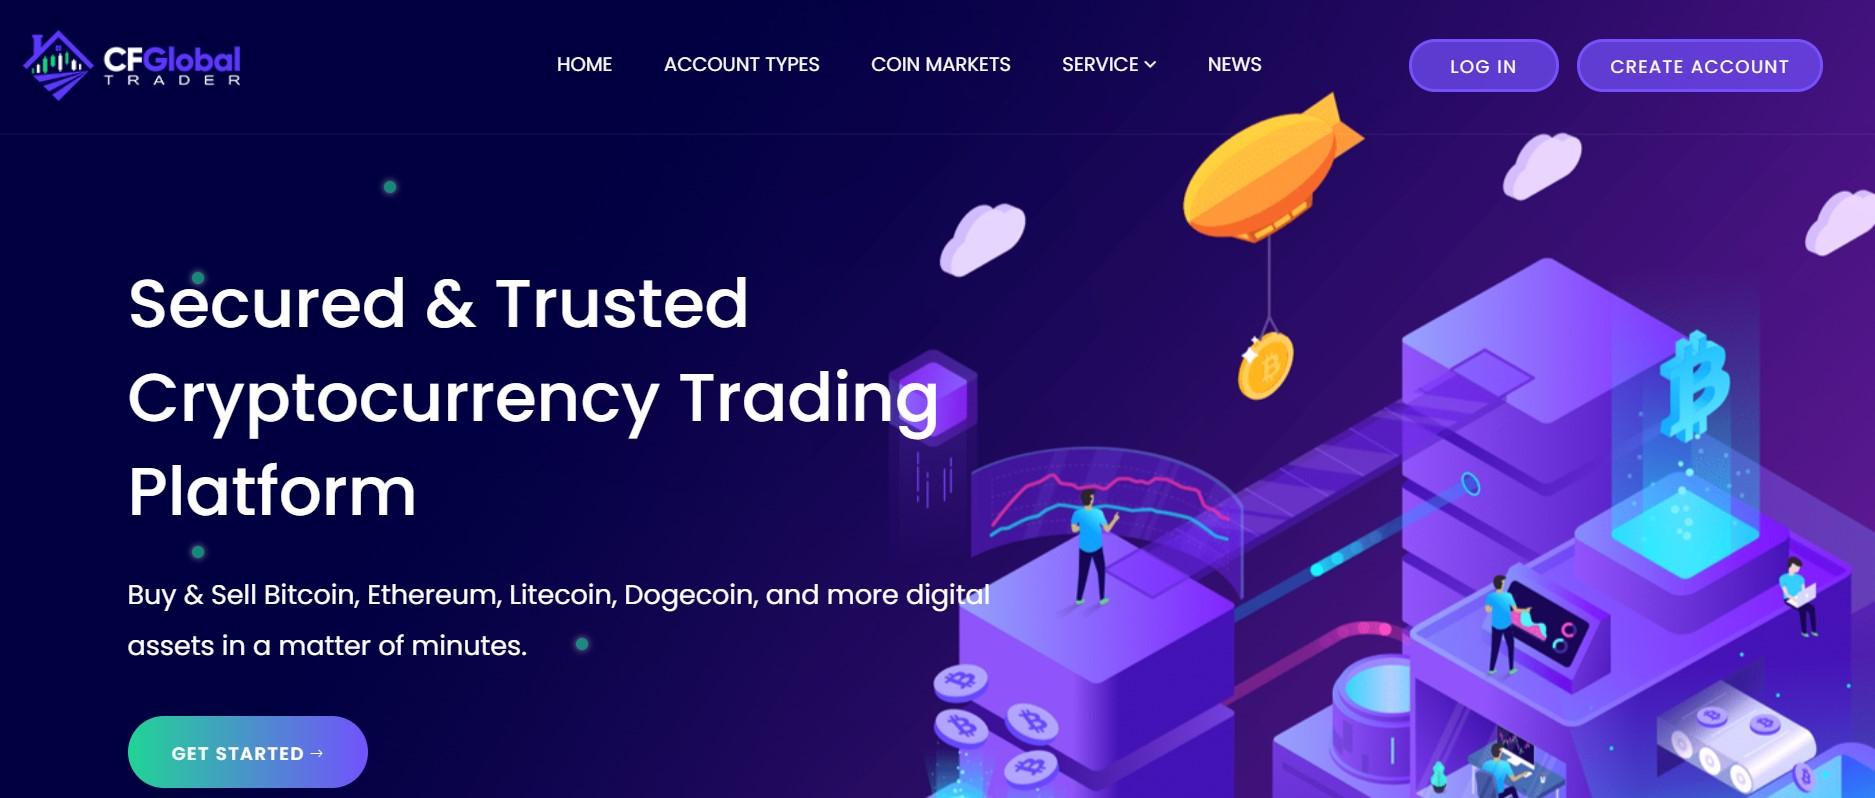 CF Global Trader website